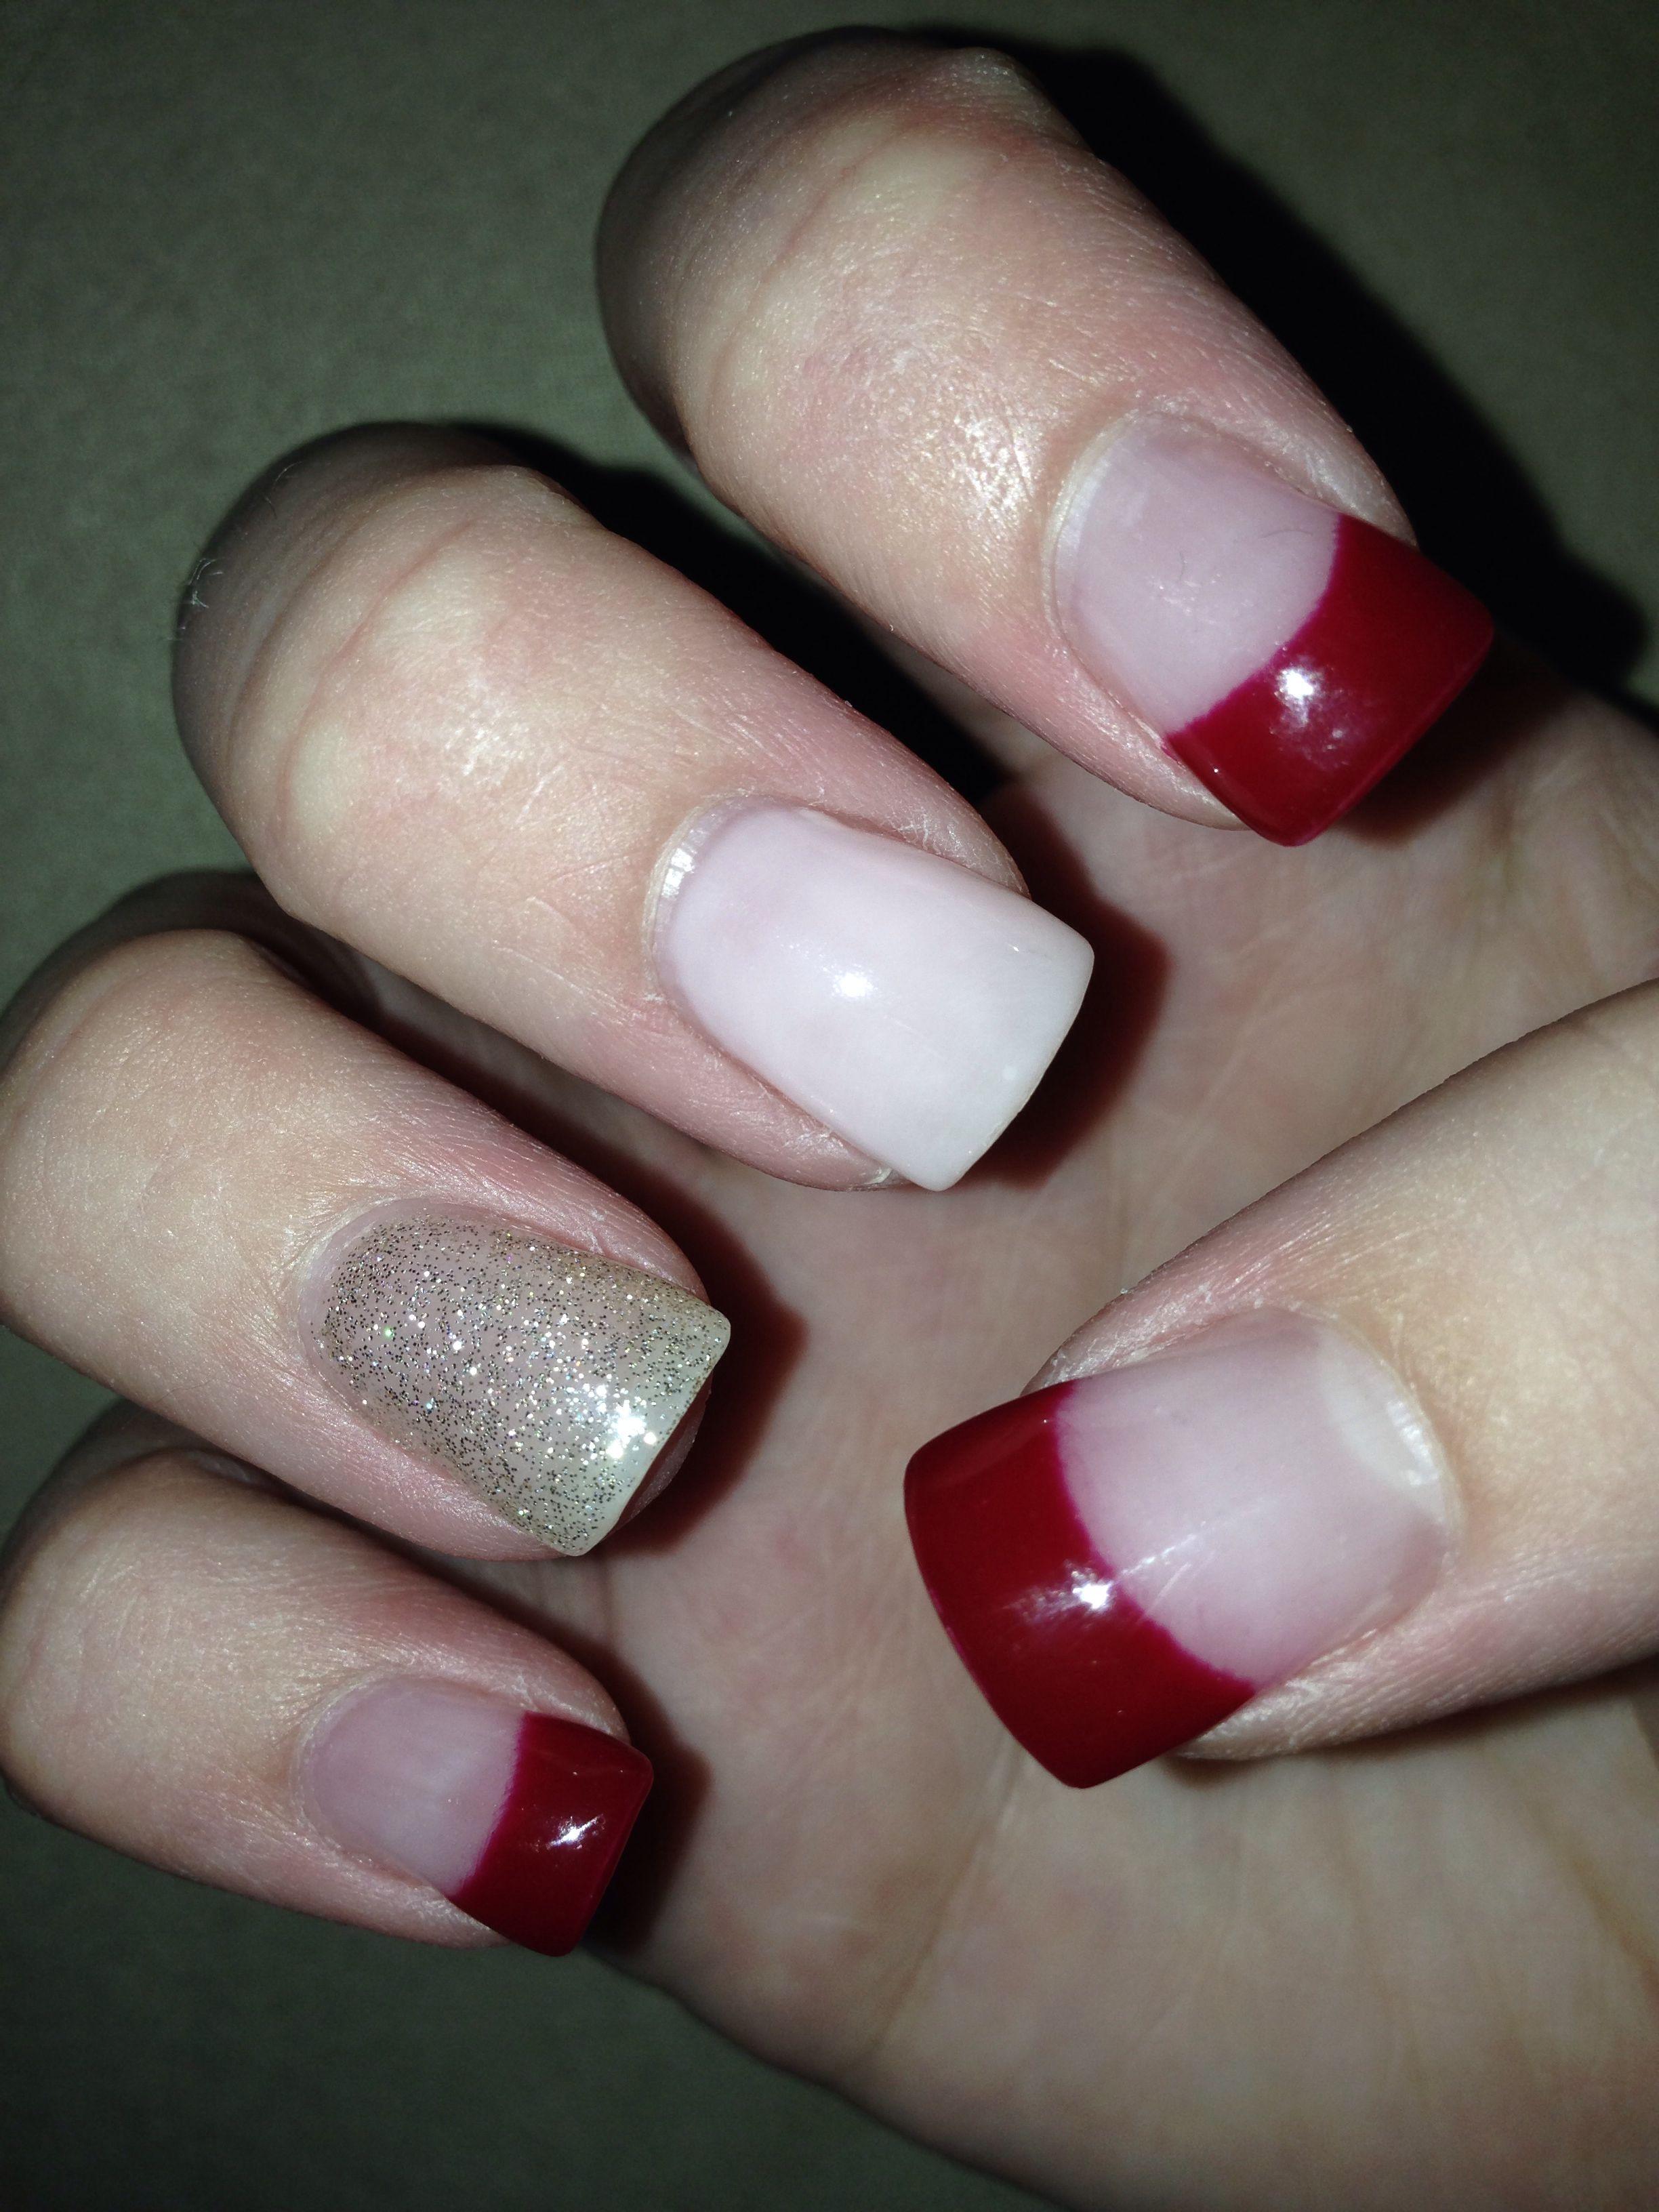 Christmas nails | Shellac nails | Pinterest